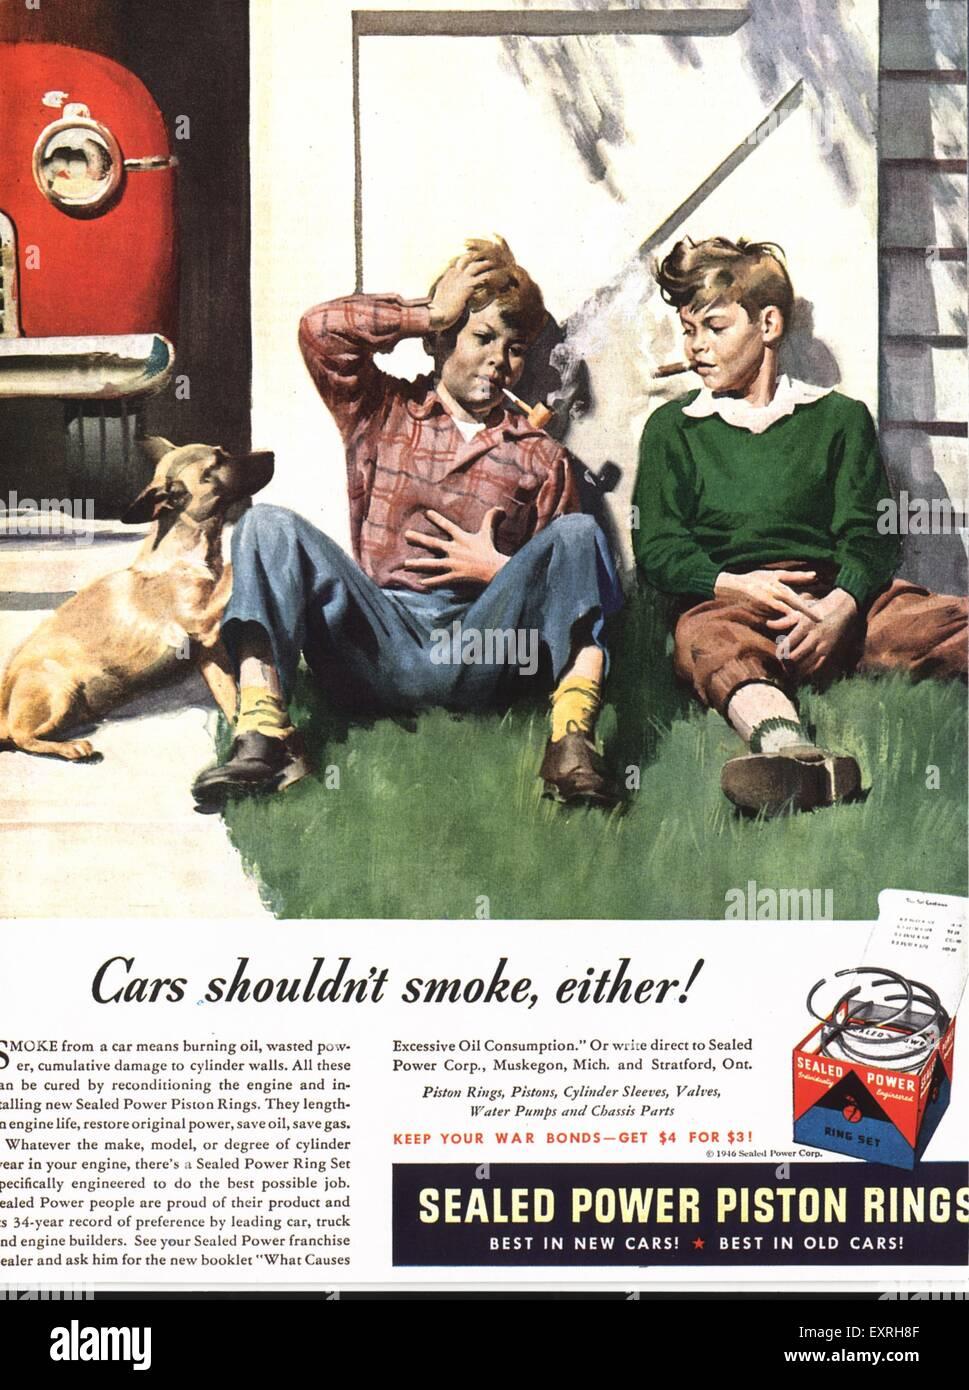 1940s usa alimentazione sigillata anelli pistone Magazine annuncio pubblicitario Immagini Stock